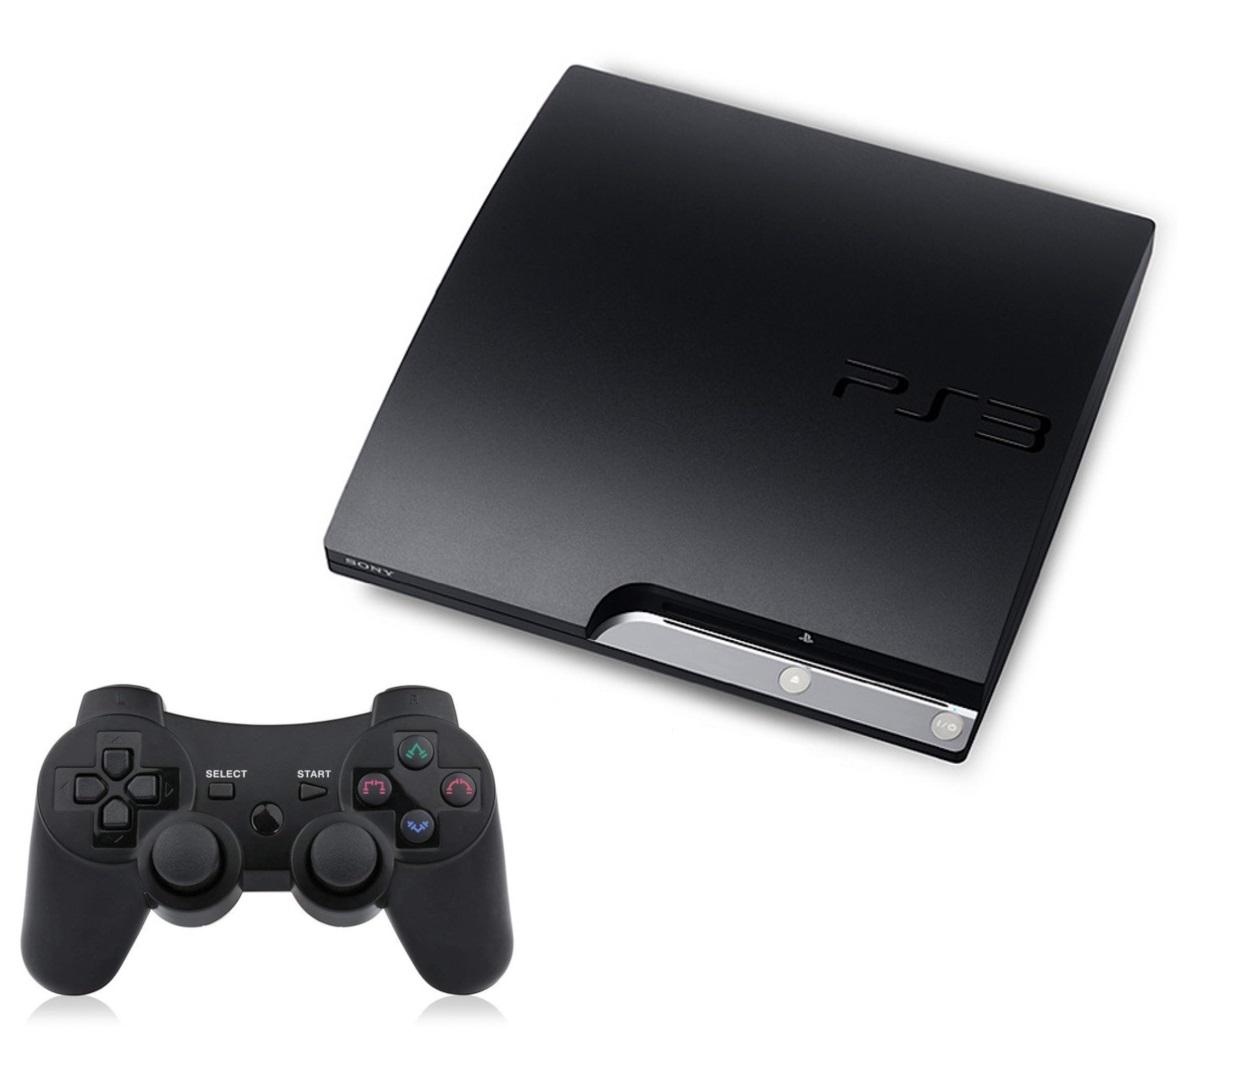 PlayStation 3 Slim 250/320 GB